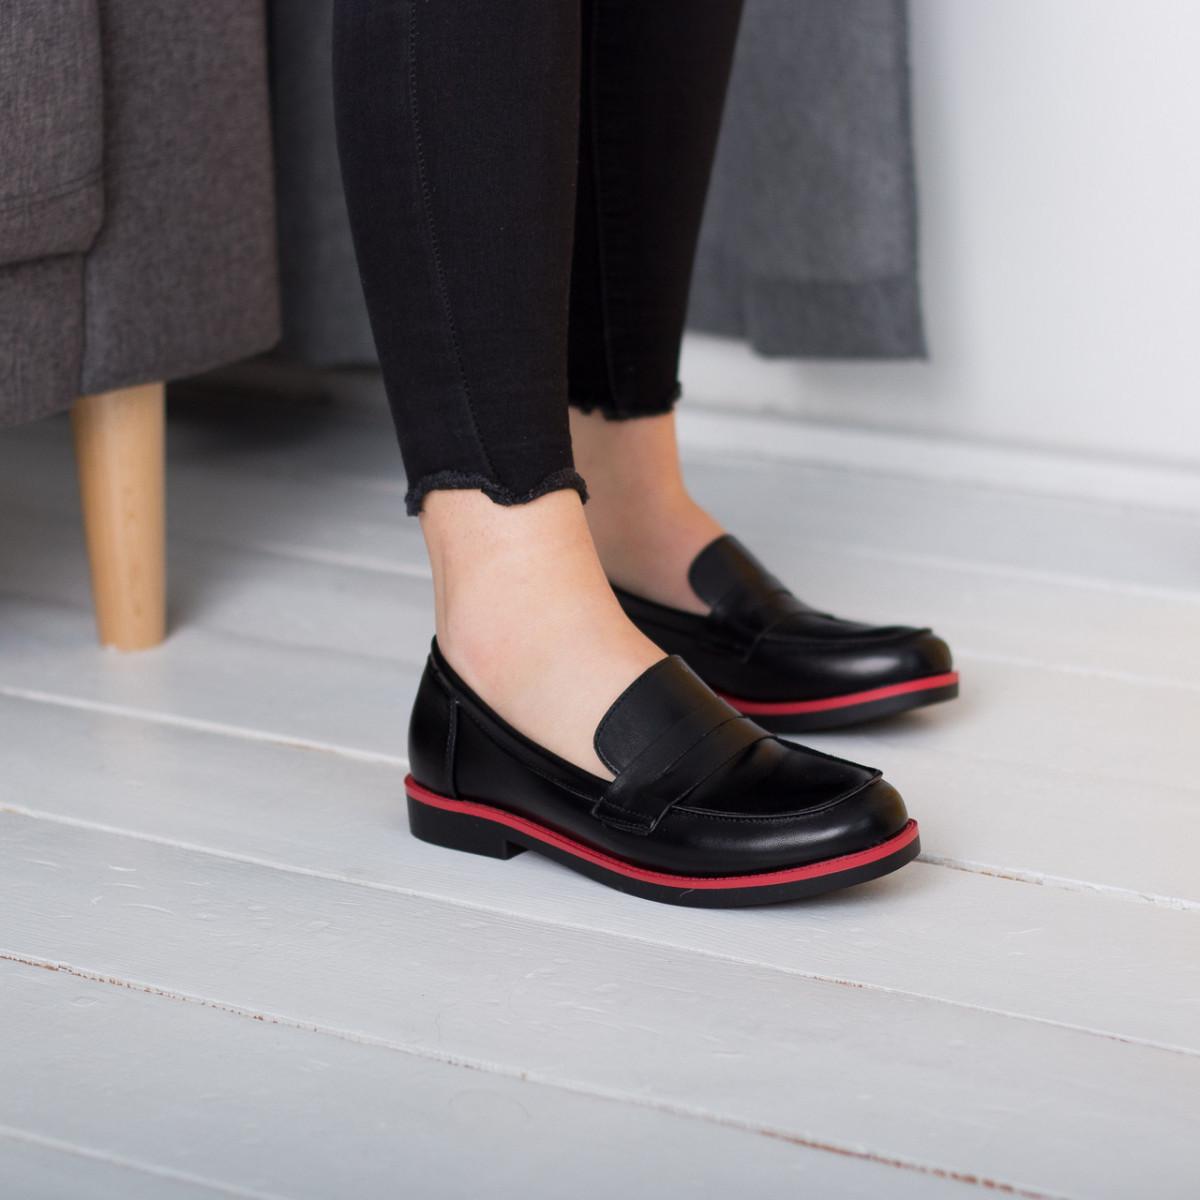 Лоферы женские Fashion Cassy 2644 36 размер 23,5 см Черный